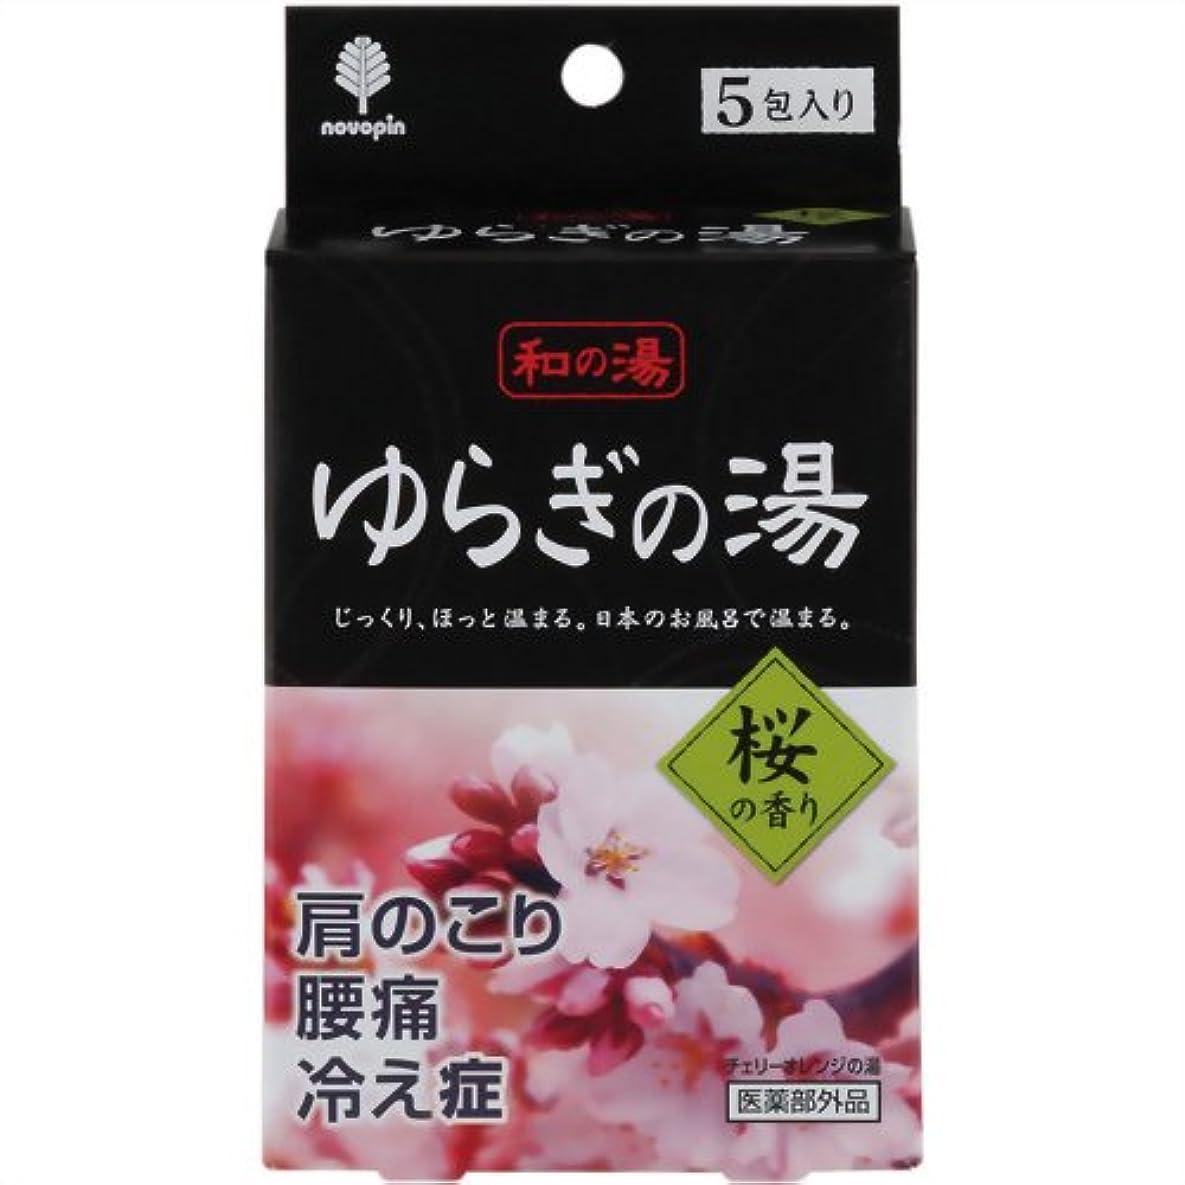 クスクス道略語和の湯 ゆらぎの湯 桜の香り